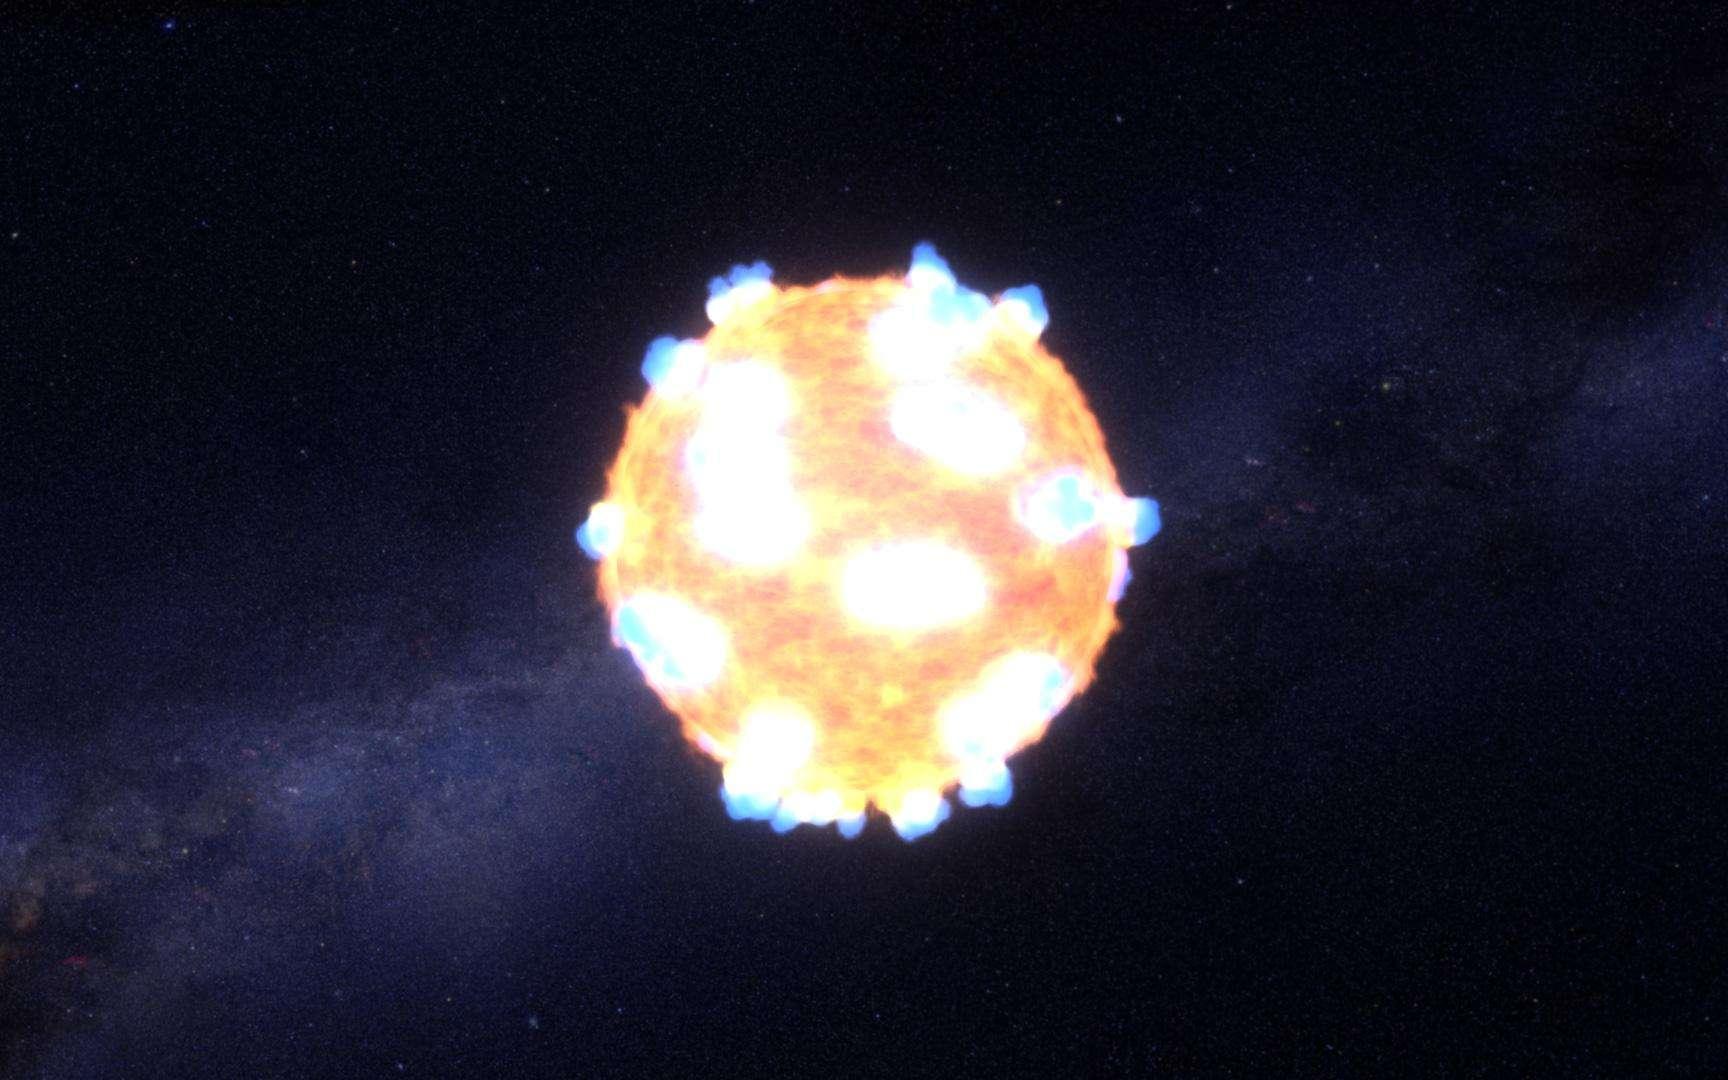 Illustration du flash lumineux produit lorsque l'onde de choc qui traverse la supergéante rouge après l'effondrement de son cœur atteint la surface et la déchire. Dans le cas de KSN 2011d, 500 fois plus grosse que le Soleil, elle a parcouru ses entrailles en environ 20 minutes. L'étoile vit ses derniers instants avant l'explosion. © Nasa, Ames, STScI